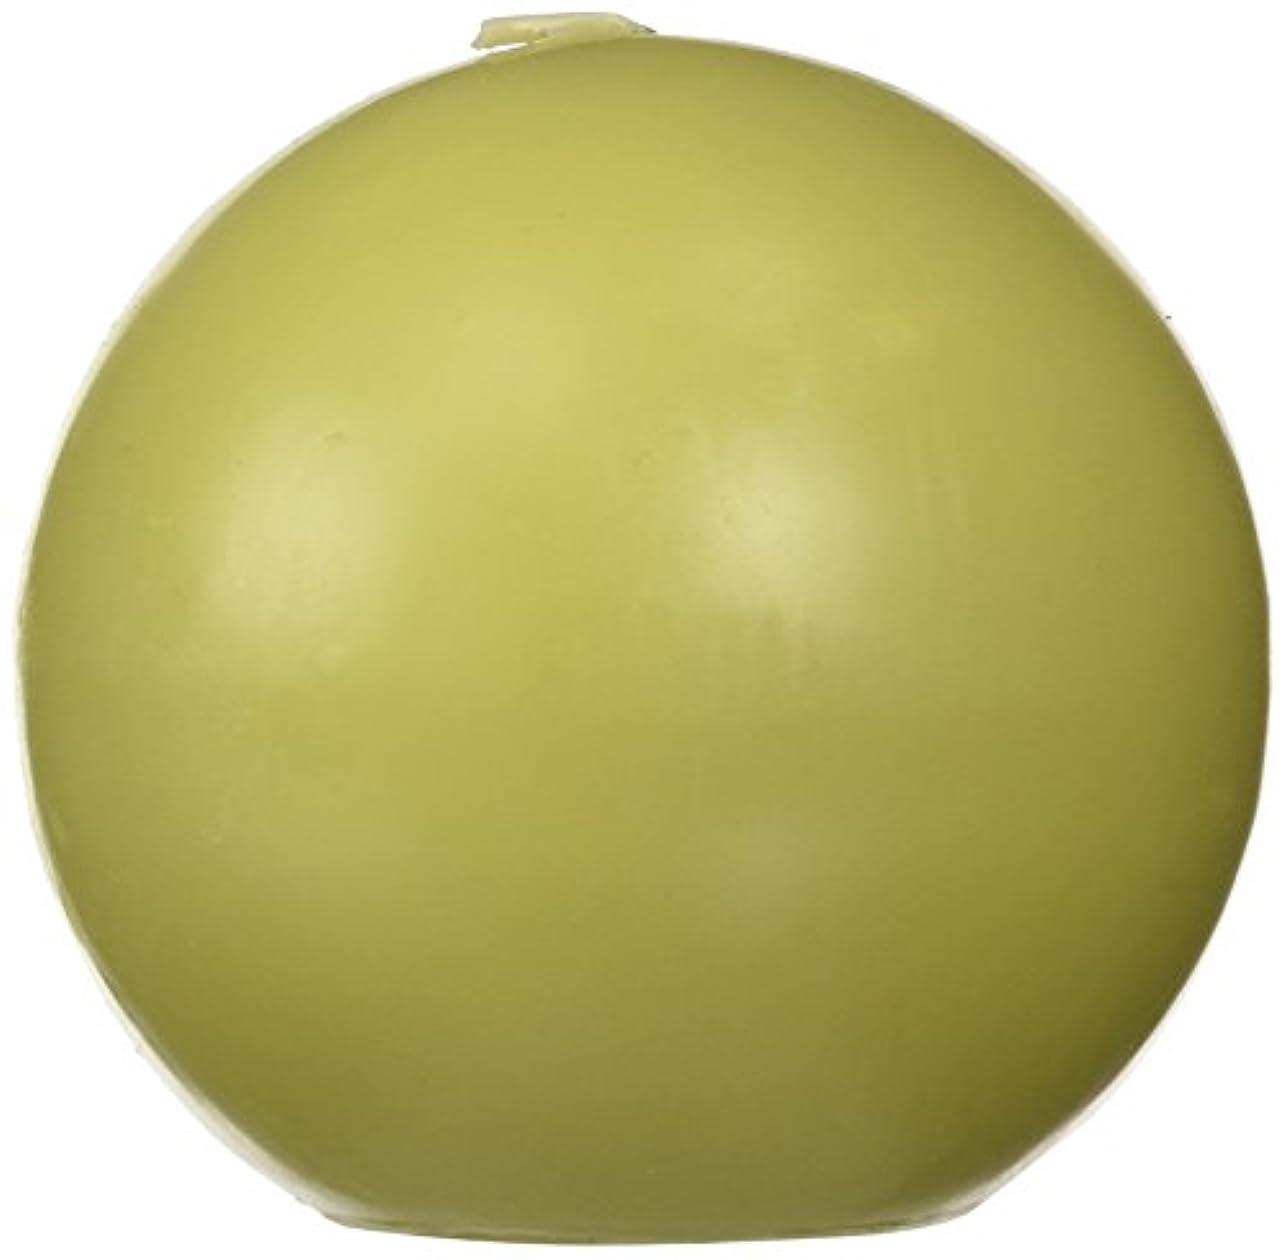 国歌ビジネス情緒的Zest Candle CBZ-032 4 in. Sage Green Ball Candles -2pc-Box